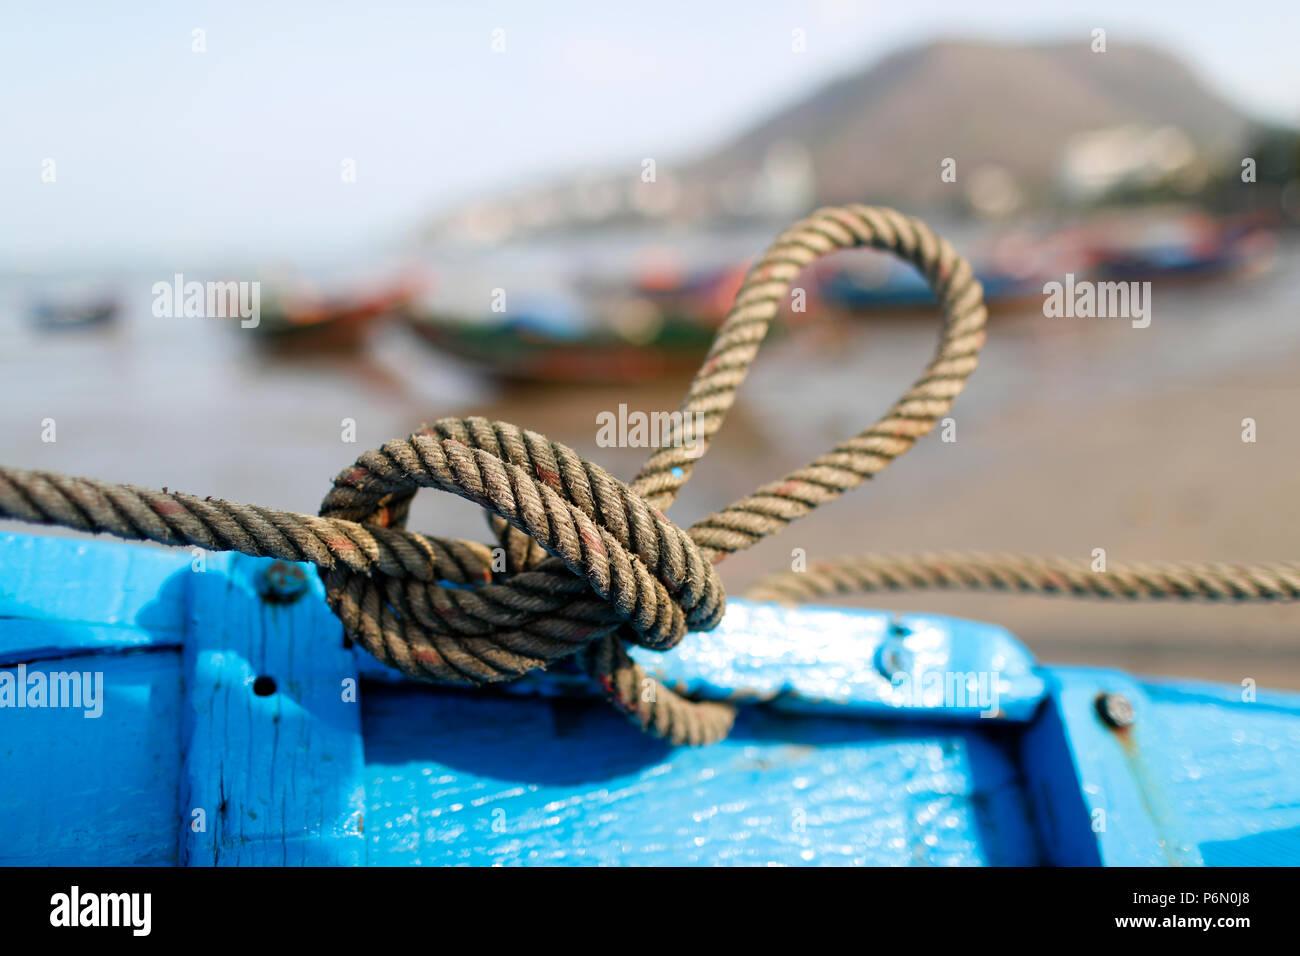 Sogas náuticas. Nudo marino. Vung Tau. Vietnam. Foto de stock